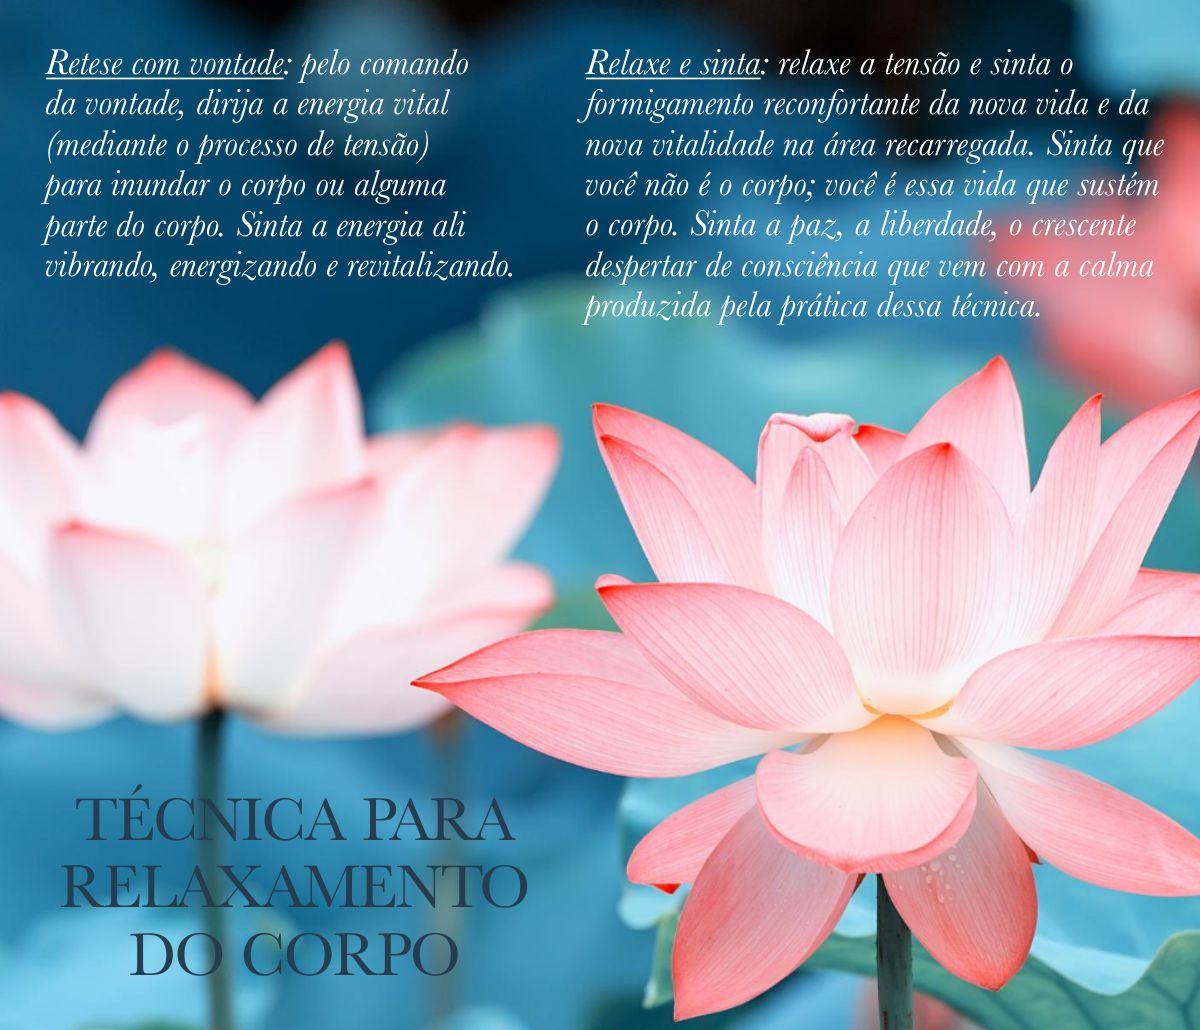 paz-interior-por-paramahansa-yogananda-hinduismo-kriya-yoga-meditacao-samadhi-espiritualidade-felicidade-nosso-blog-texto-1.jpg